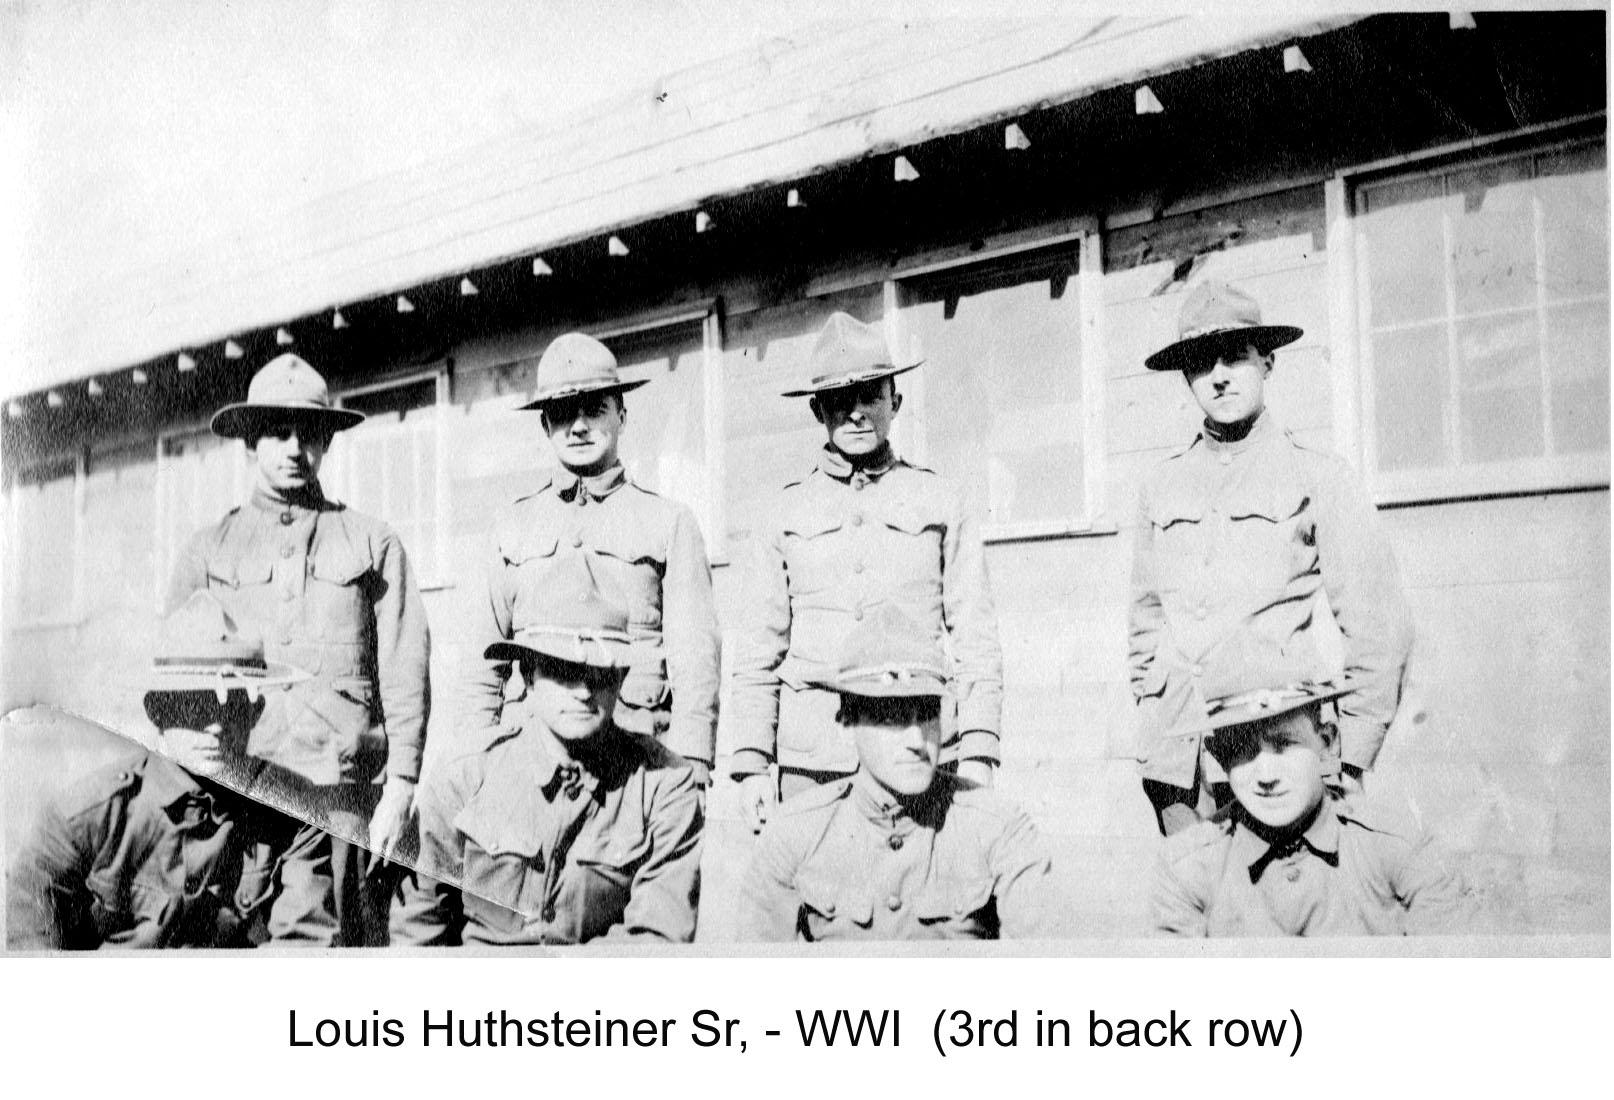 LouisHuthsteiner-WWI